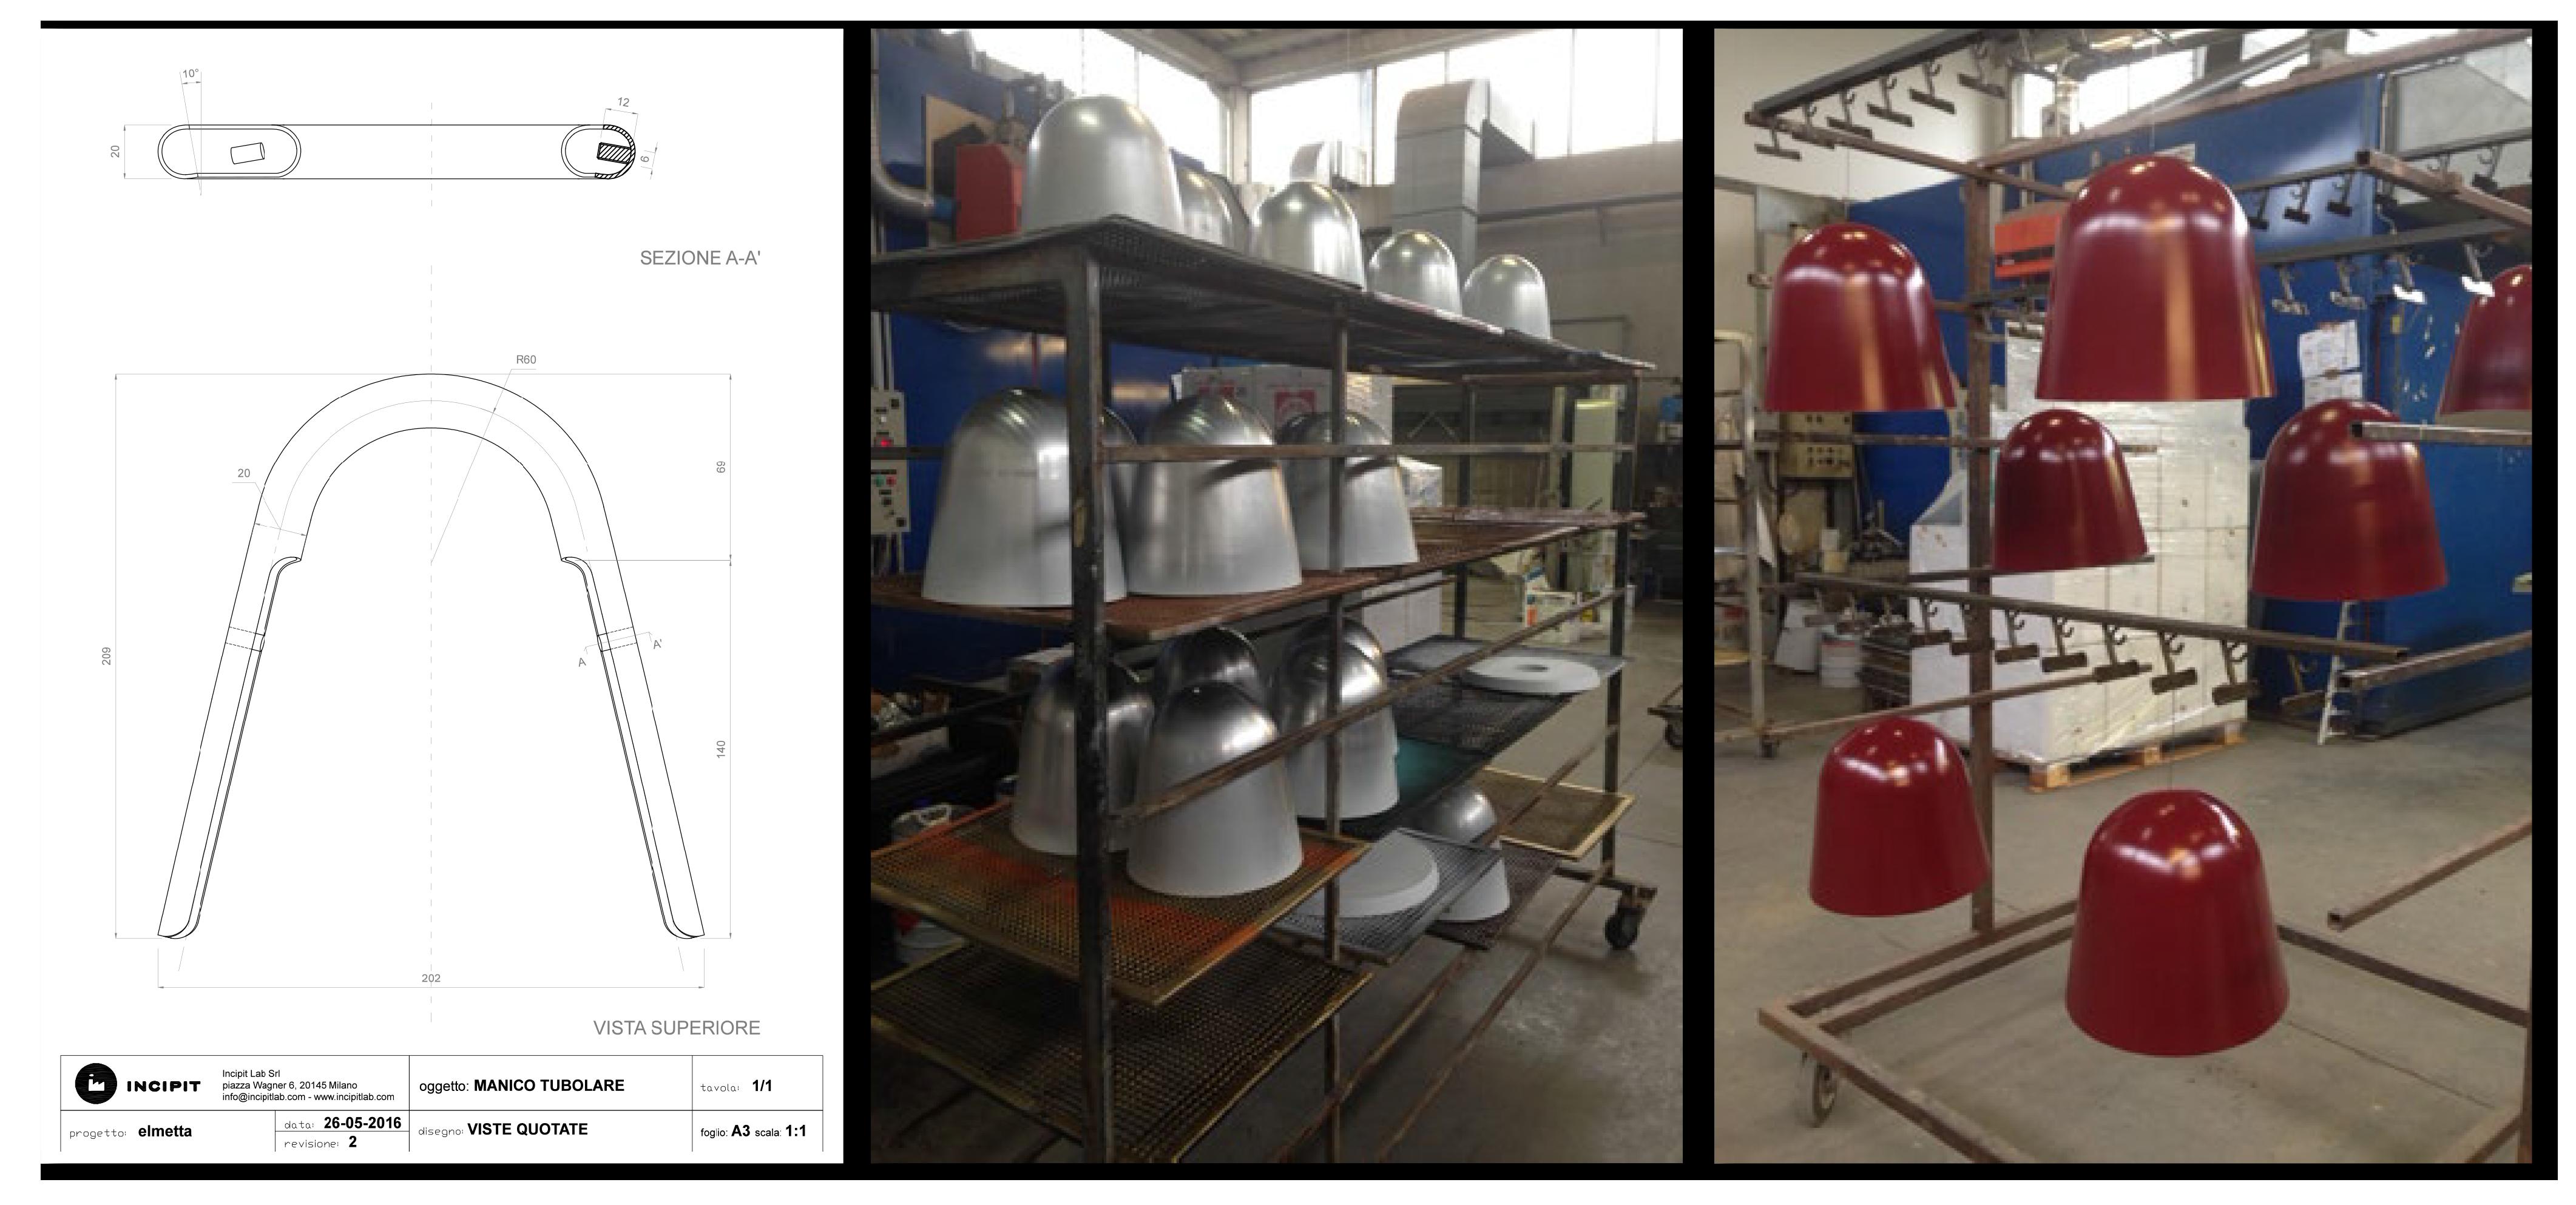 inicipit product research and development by studio lido laboratore innocenti design office